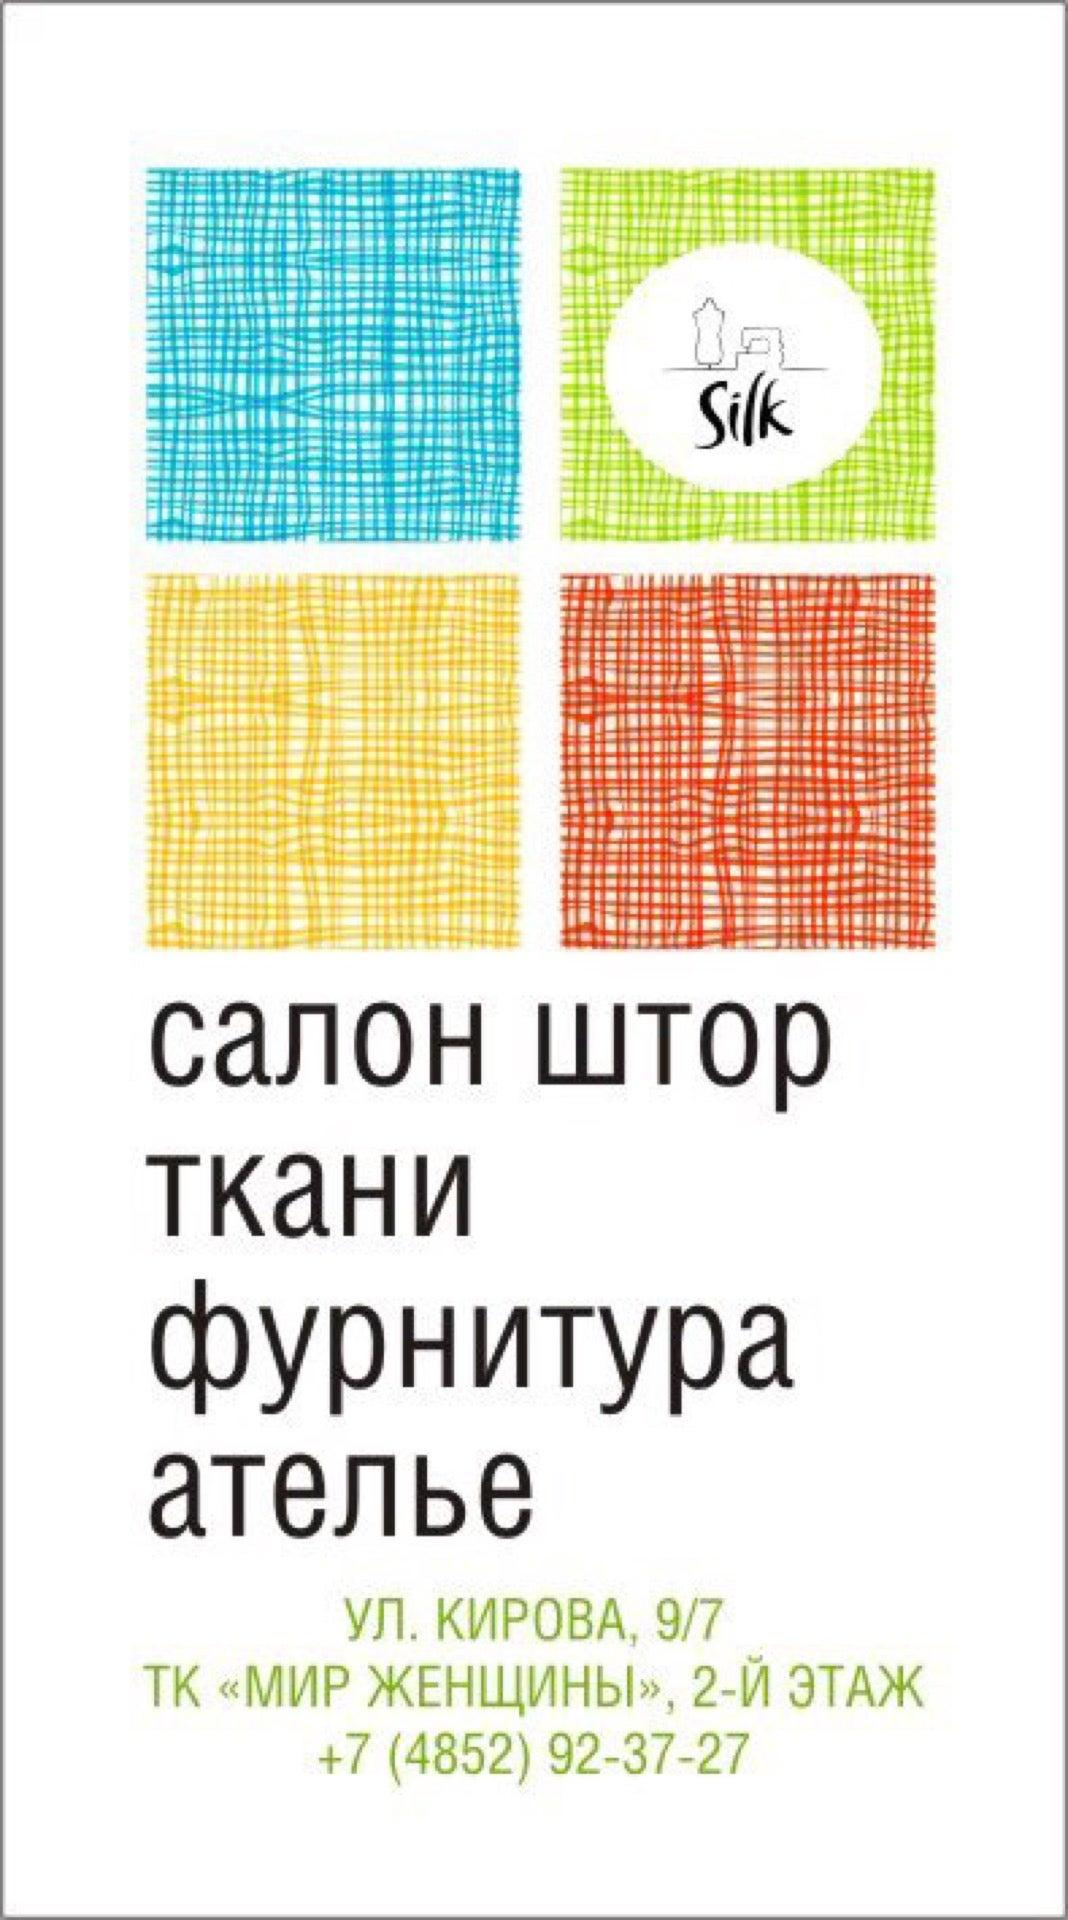 930a71beda75 Мир Женщины на Кировой, отзывы и фото магазинов косметики и ...